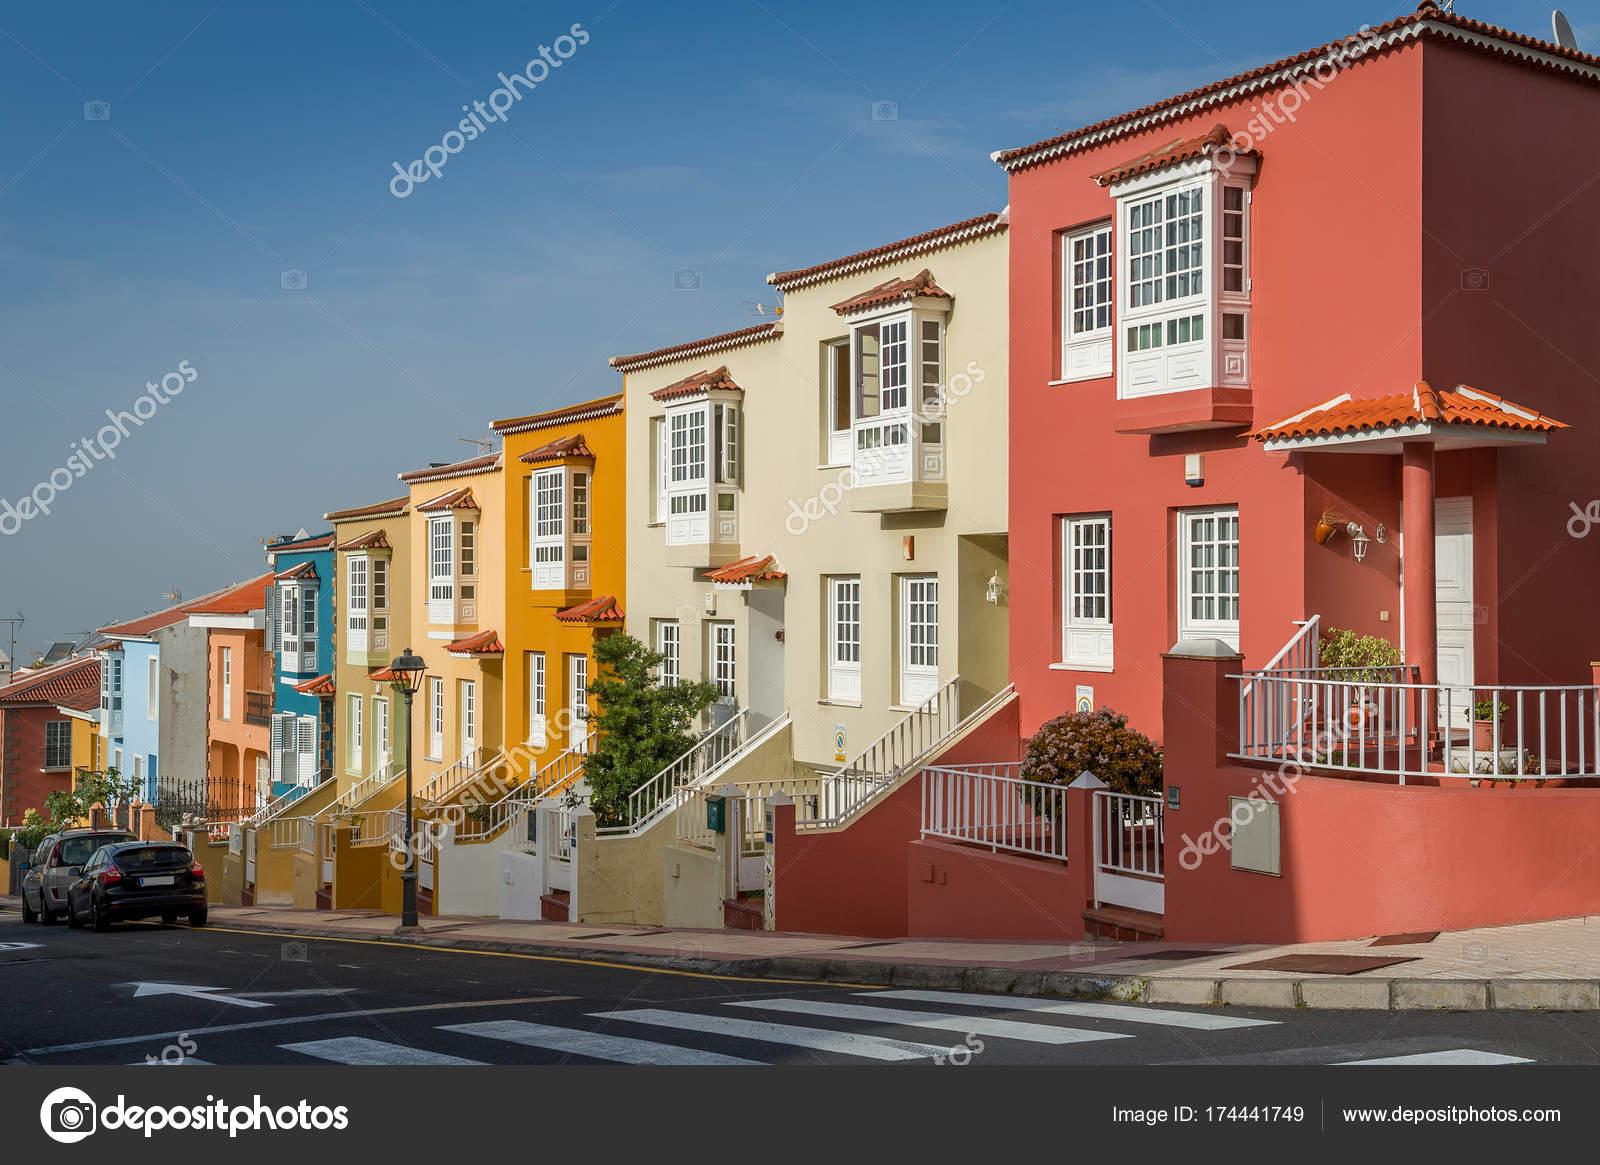 Muster, Die Auf Der Suche Neuen Bunten Häusern Auf Der Insel Teneriffa U2014  Stockfoto